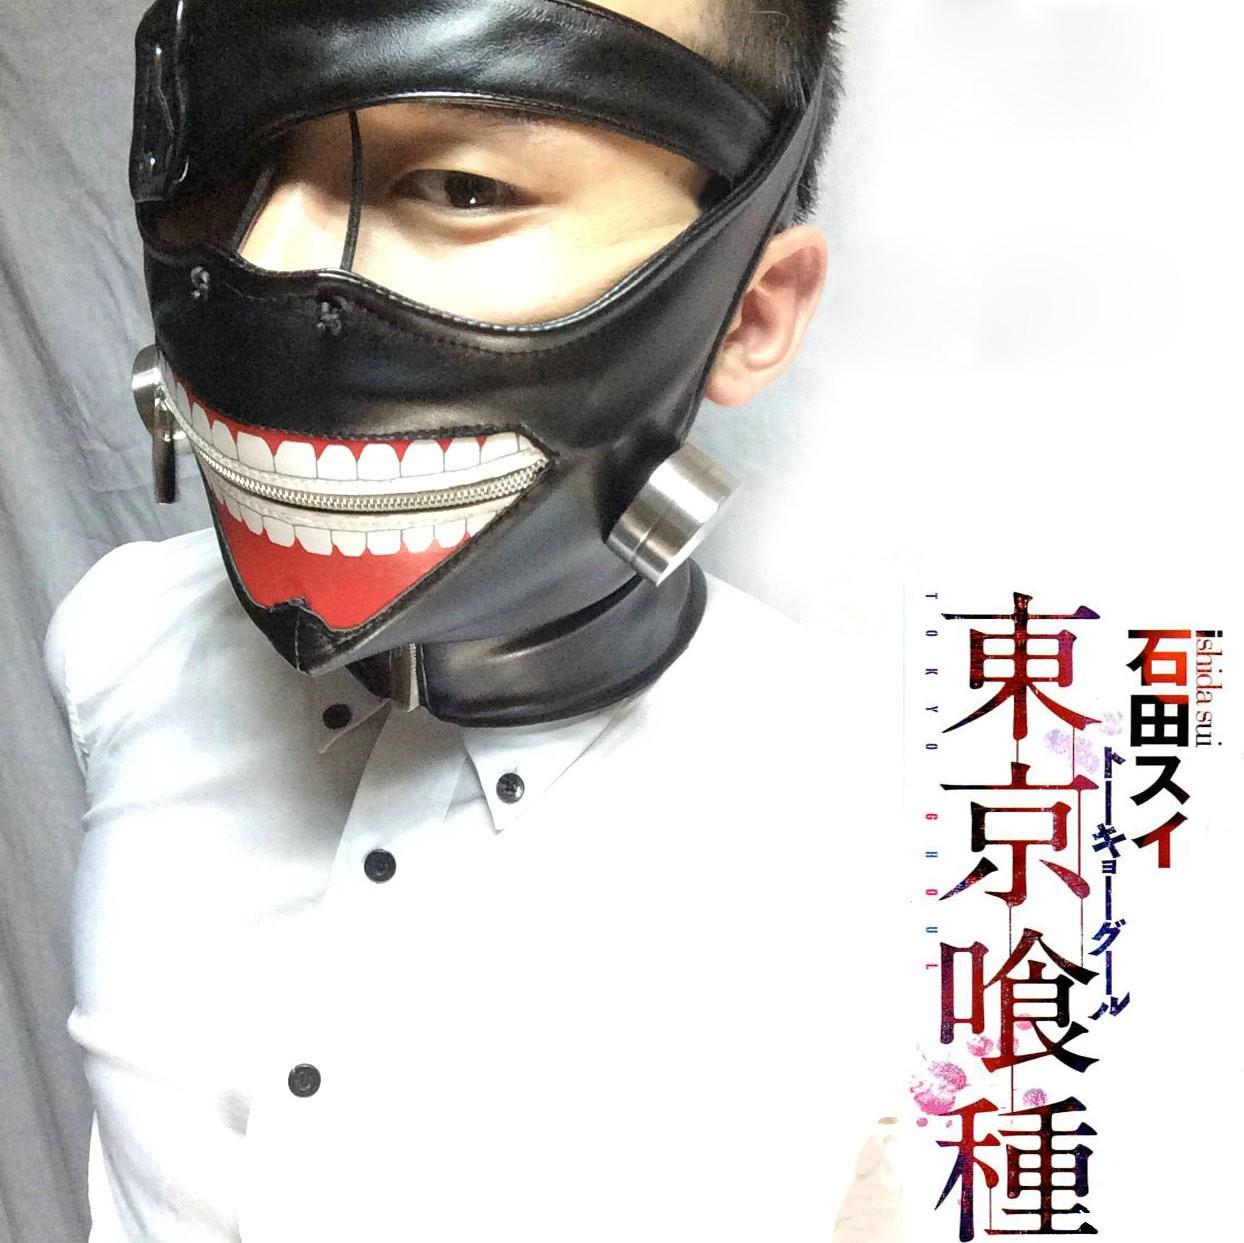 東京喰種トーキョーグール 金木研(かねき けん) ファスナーマスク コスプレ道具 第二弾新版